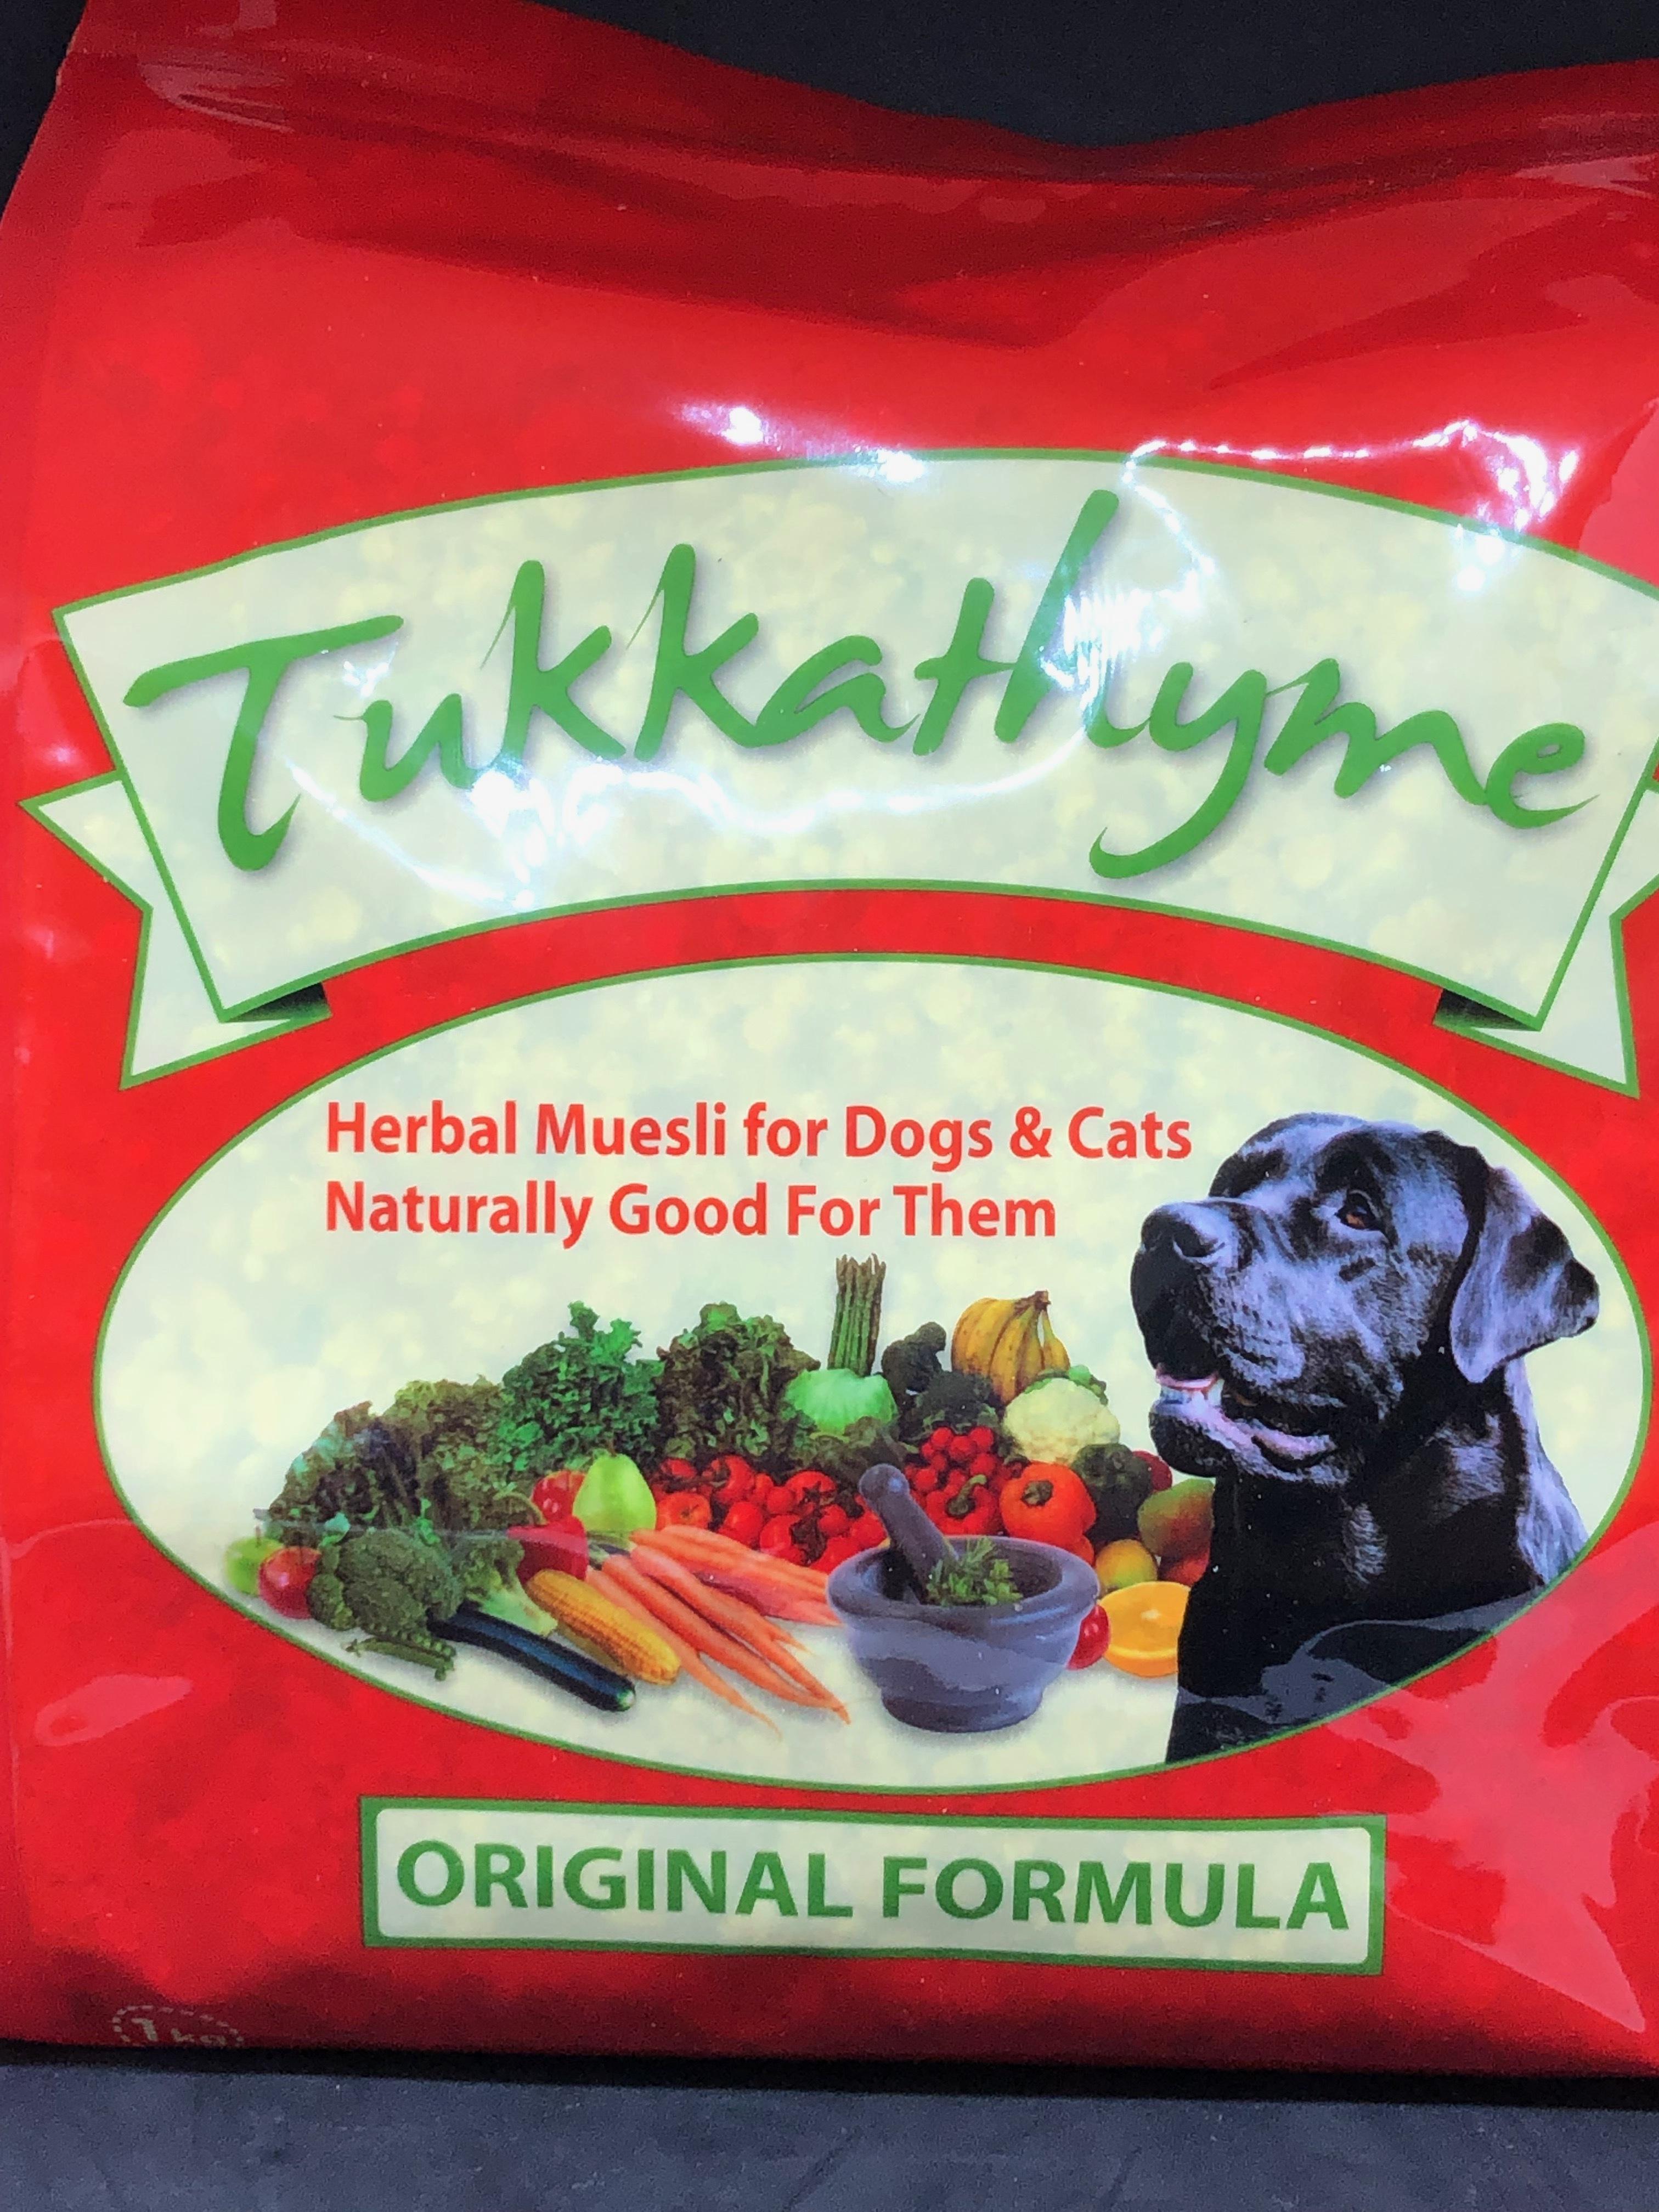 Tukkathyme Original Mix 1kg Tukkathyme